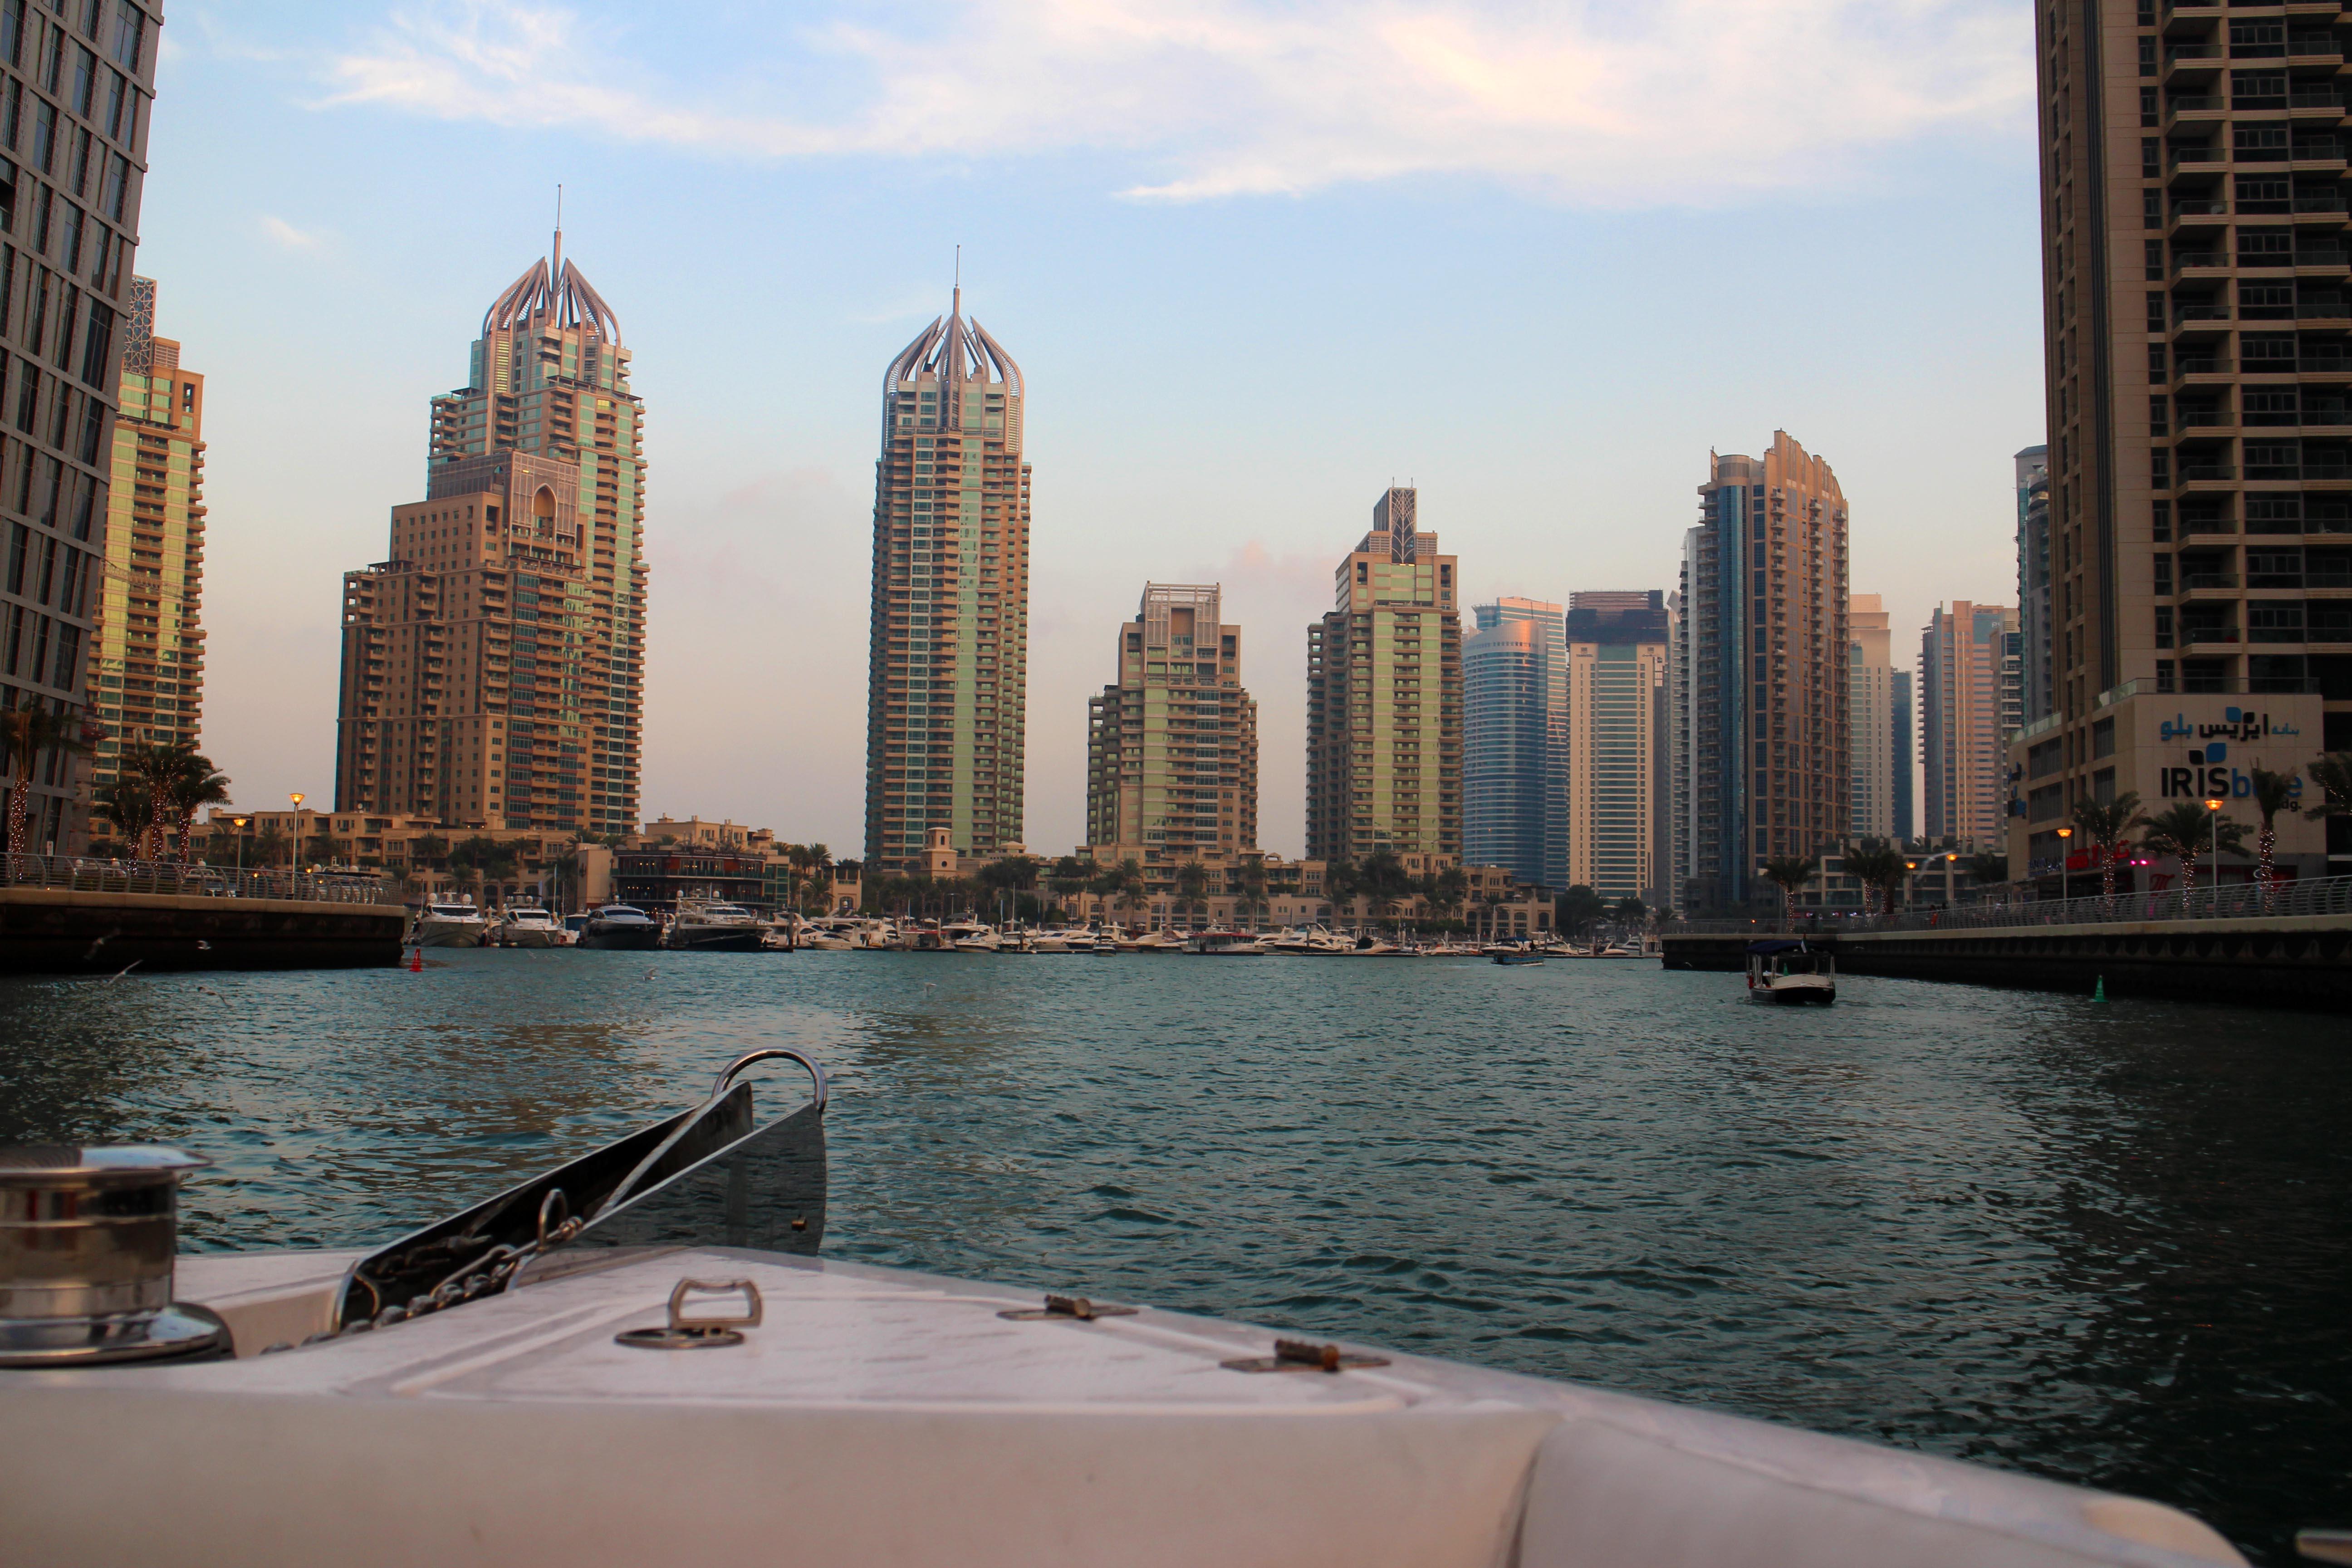 Dubai Marina Canal